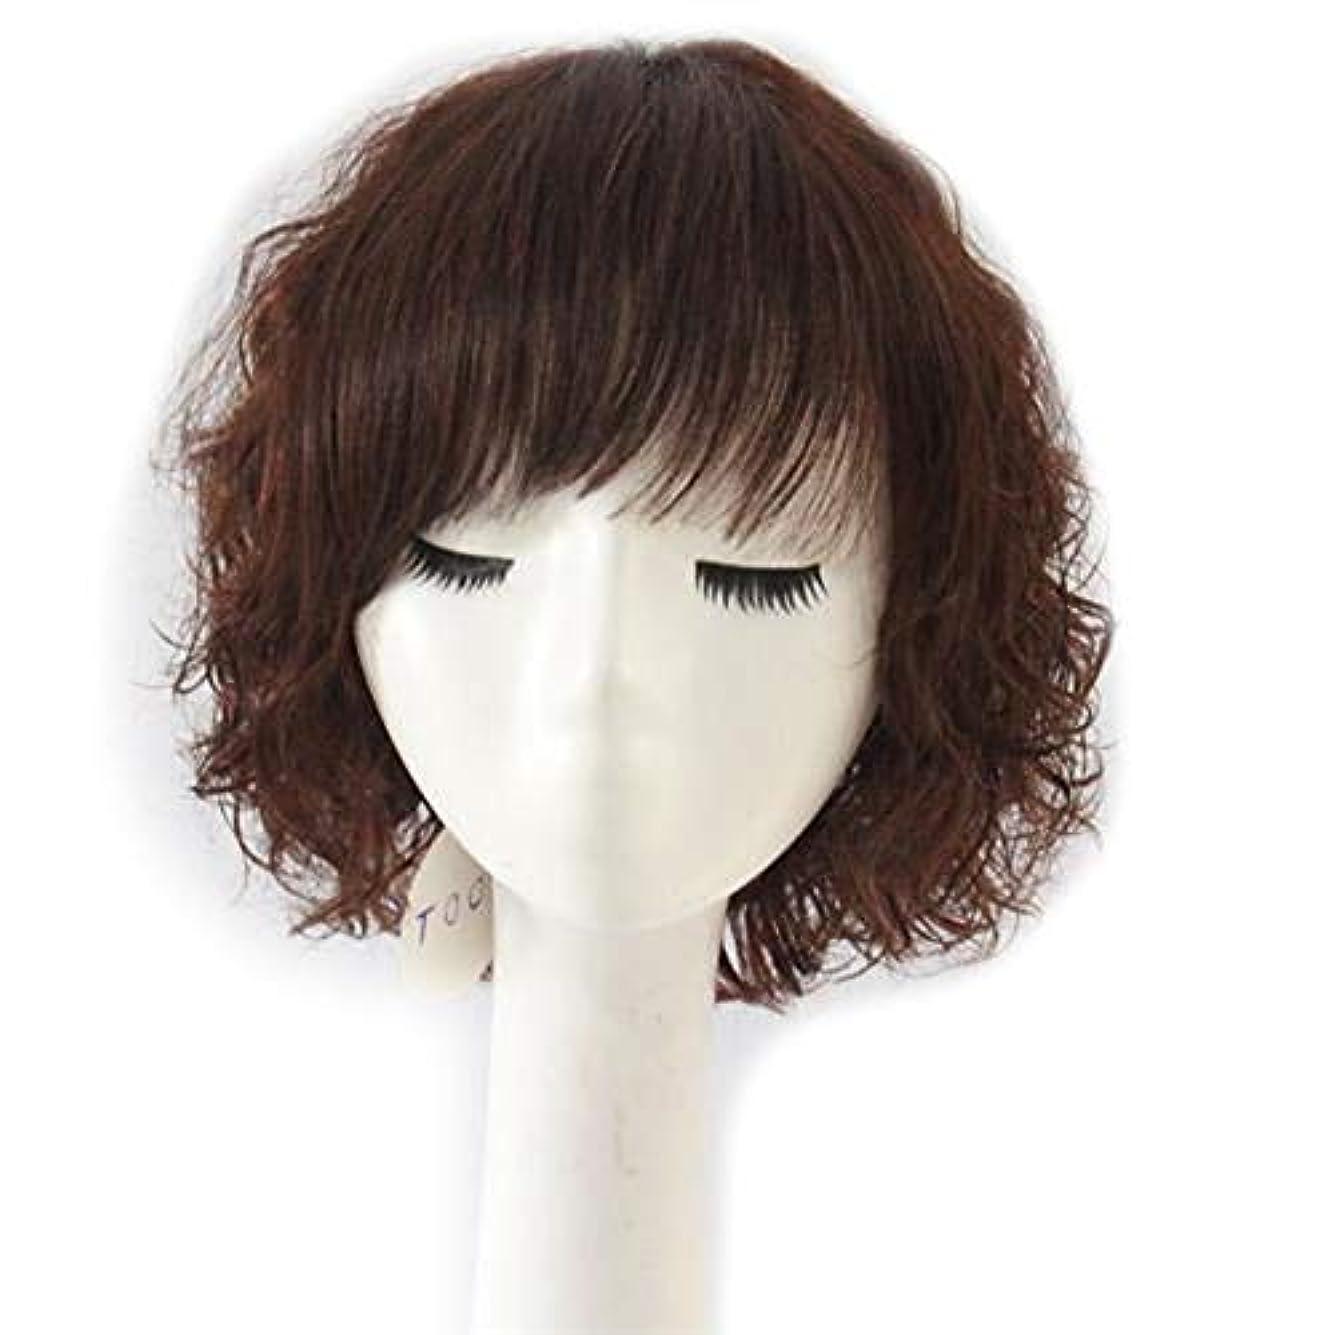 近代化するモードリン引き渡すYOUQIU 母のギフトかつらのために女性のふわふわショートカーリーヘアのフル実ヘアウィッグファッションウィッグナチュラル (色 : Dark brown)